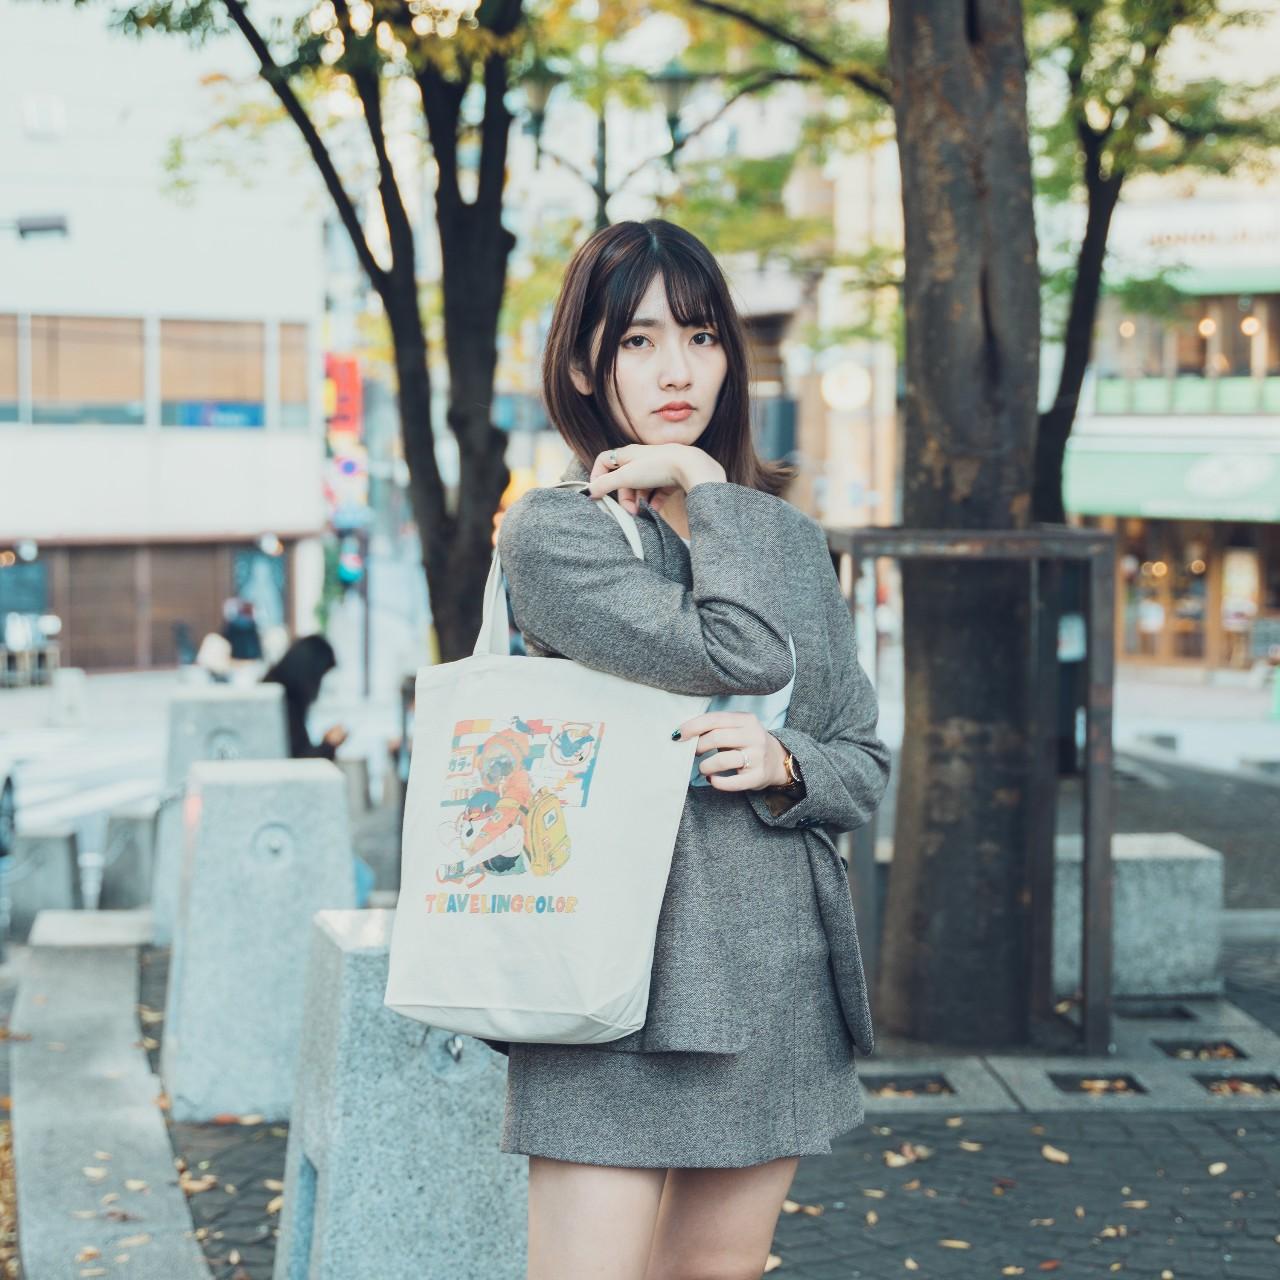 雨宮透様×ぽっぷこーんミュージアム限定のトートバッグ